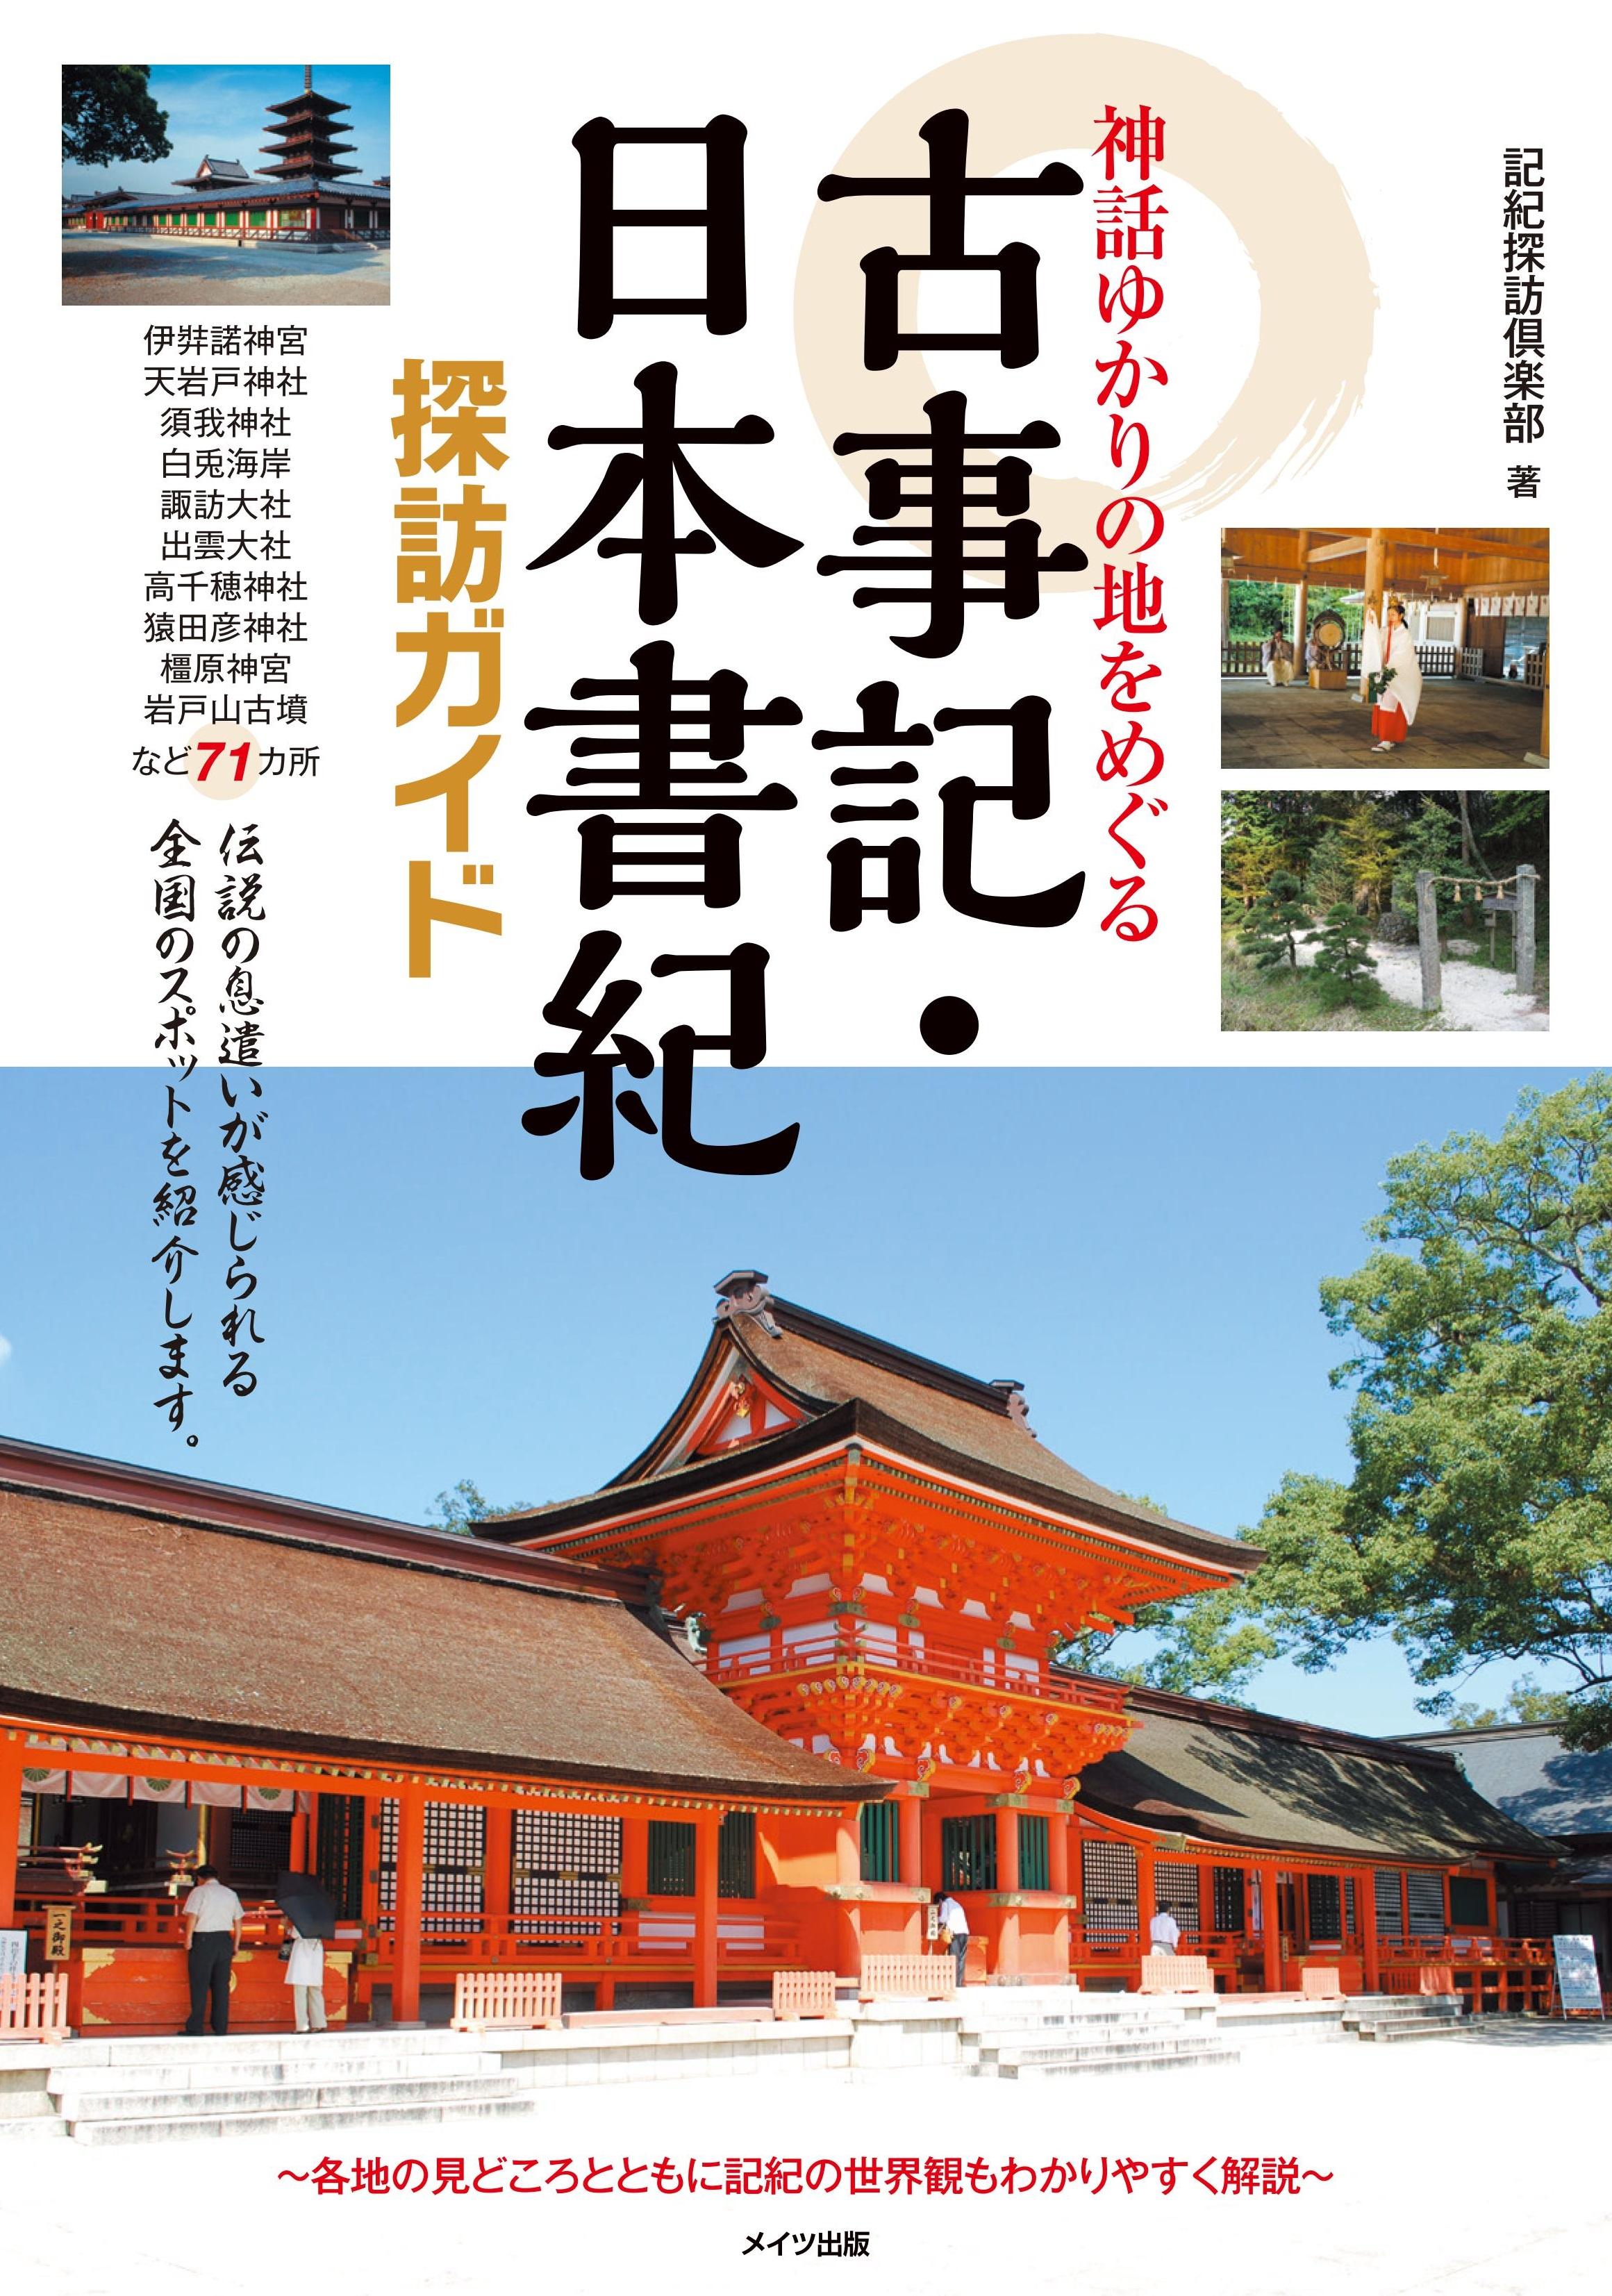 神話ゆかりの地をめぐる 古事記・日本書紀 探訪ガイド